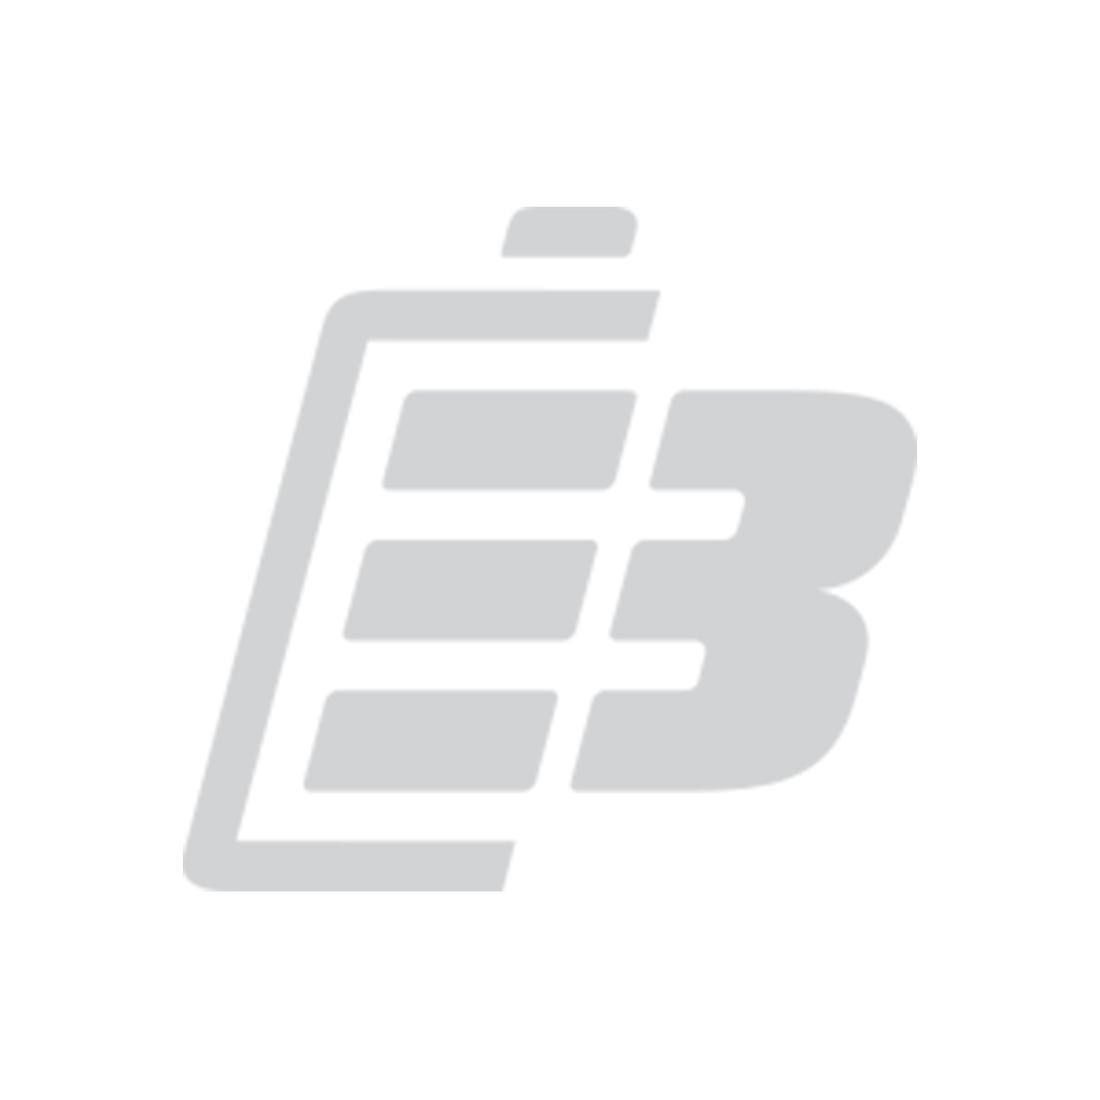 Smartphone battery Asus Zenfone C_1